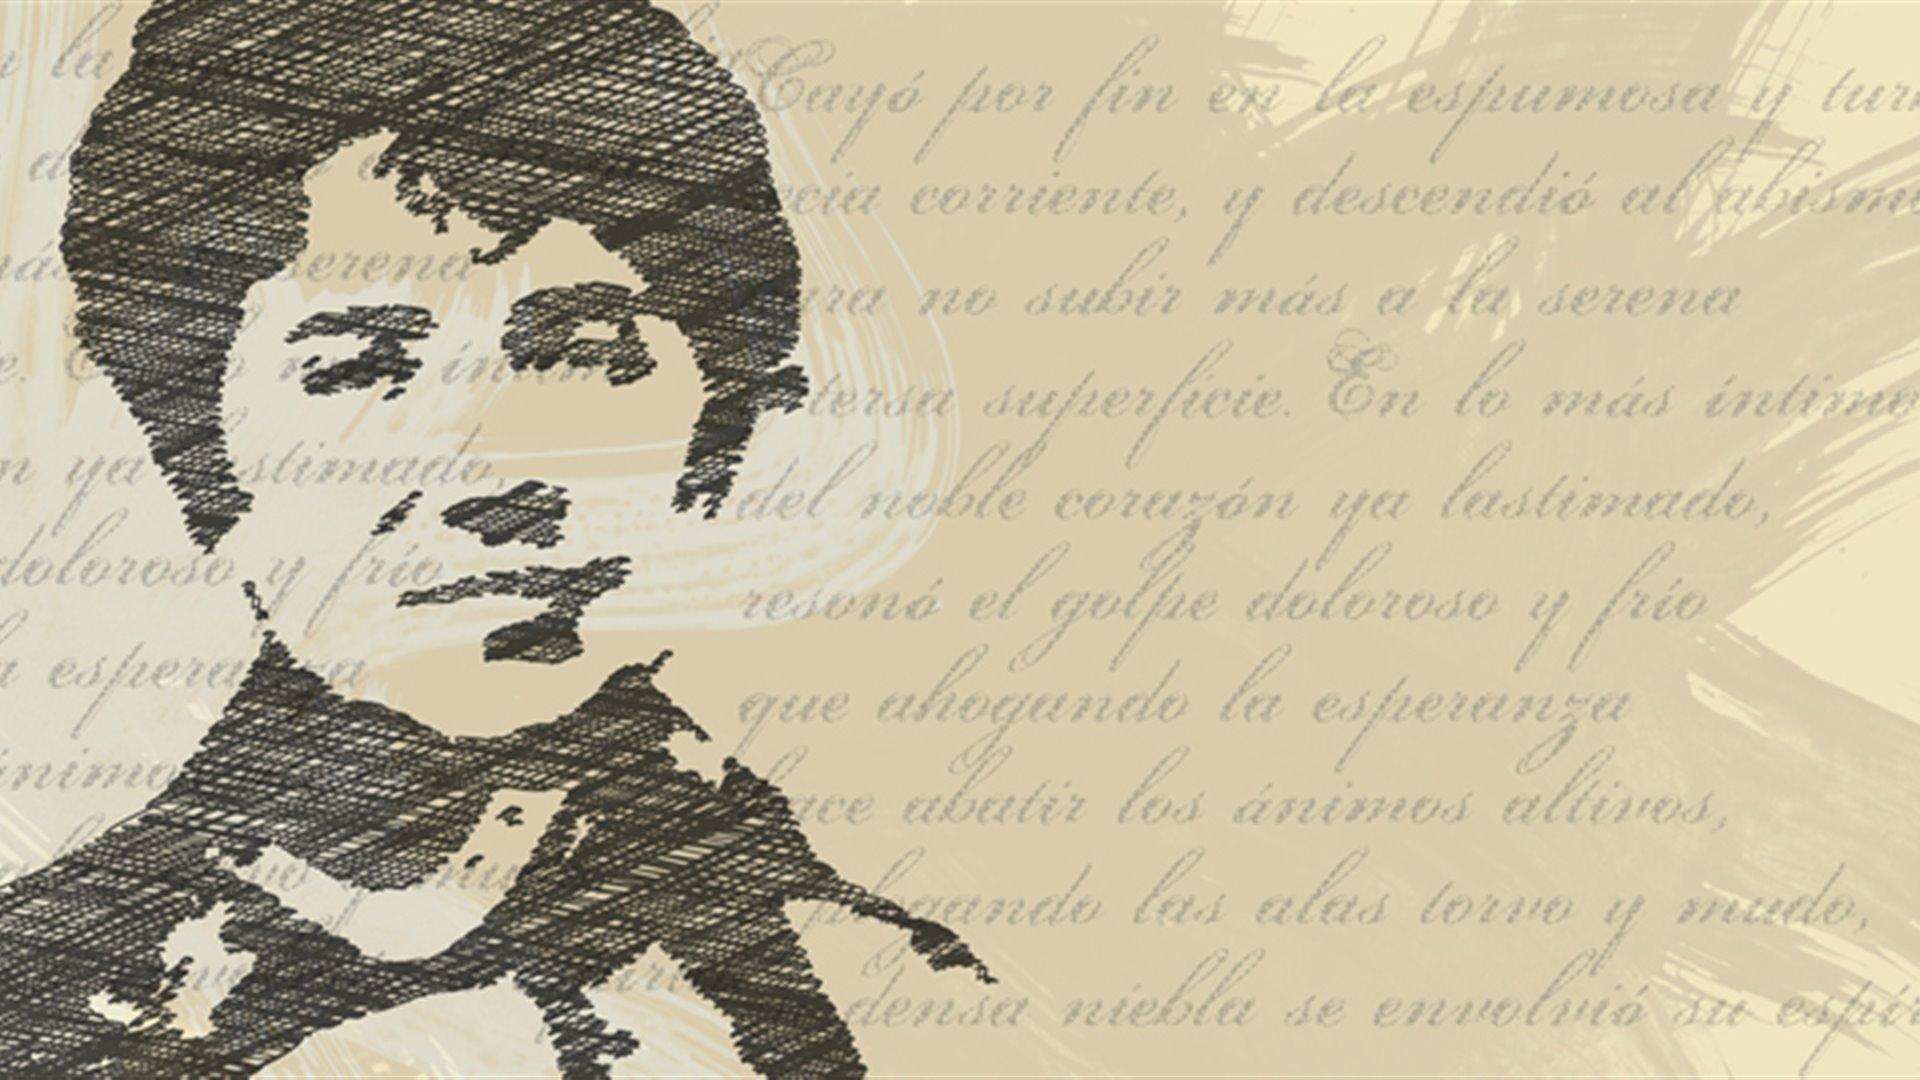 La obra en prosa de Rosalía de Castro: del almibarado folletín a la ironía y la sátira